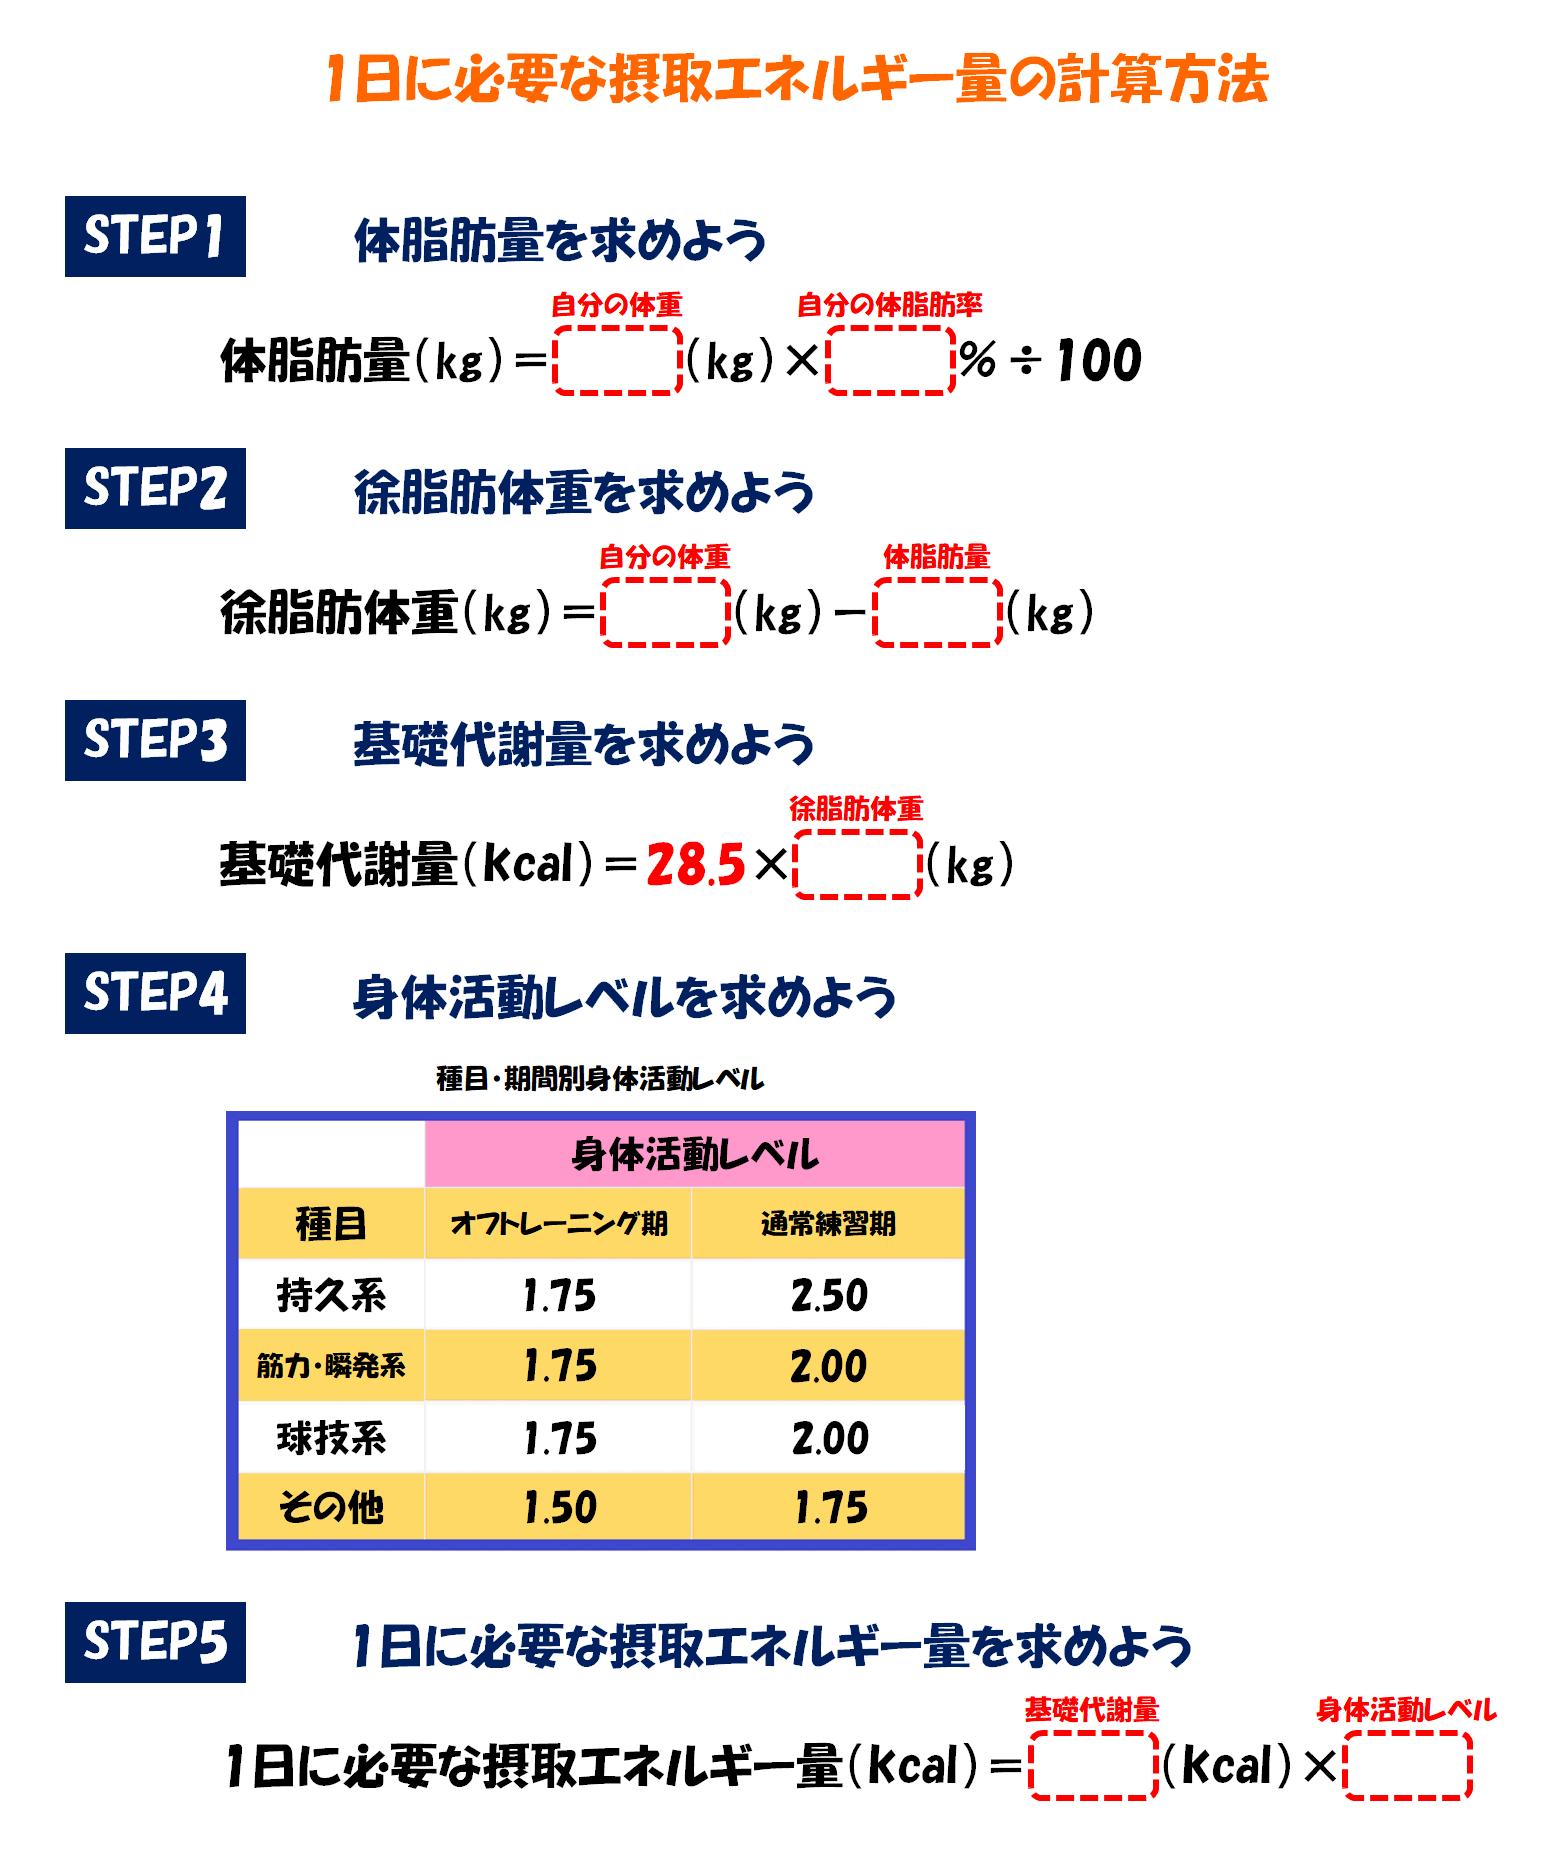 サイト 体 脂肪 率 計算